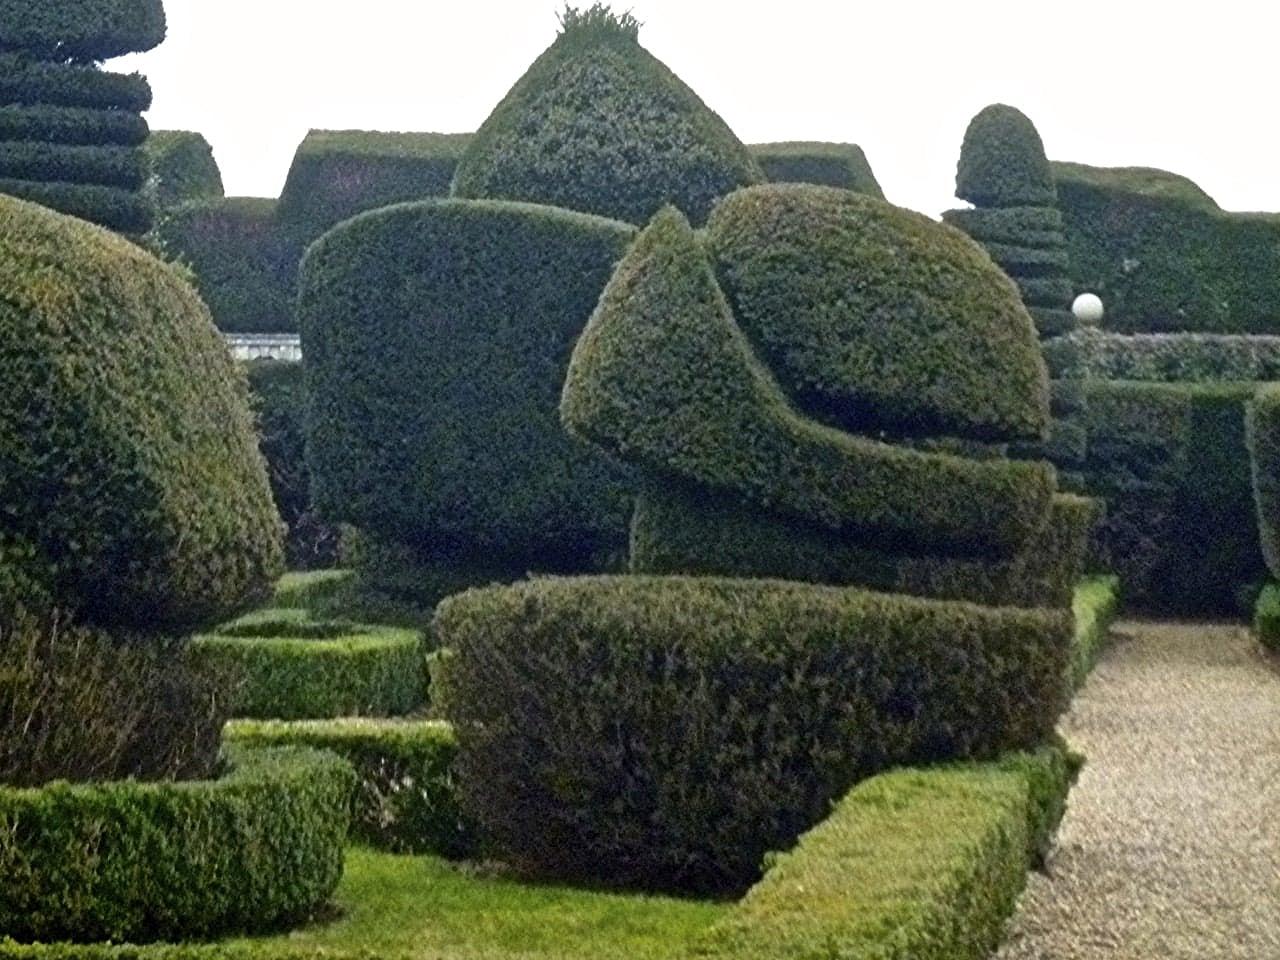 thegoodgarden|danesfieldhouse|uk|davidcalle|0869.jpg